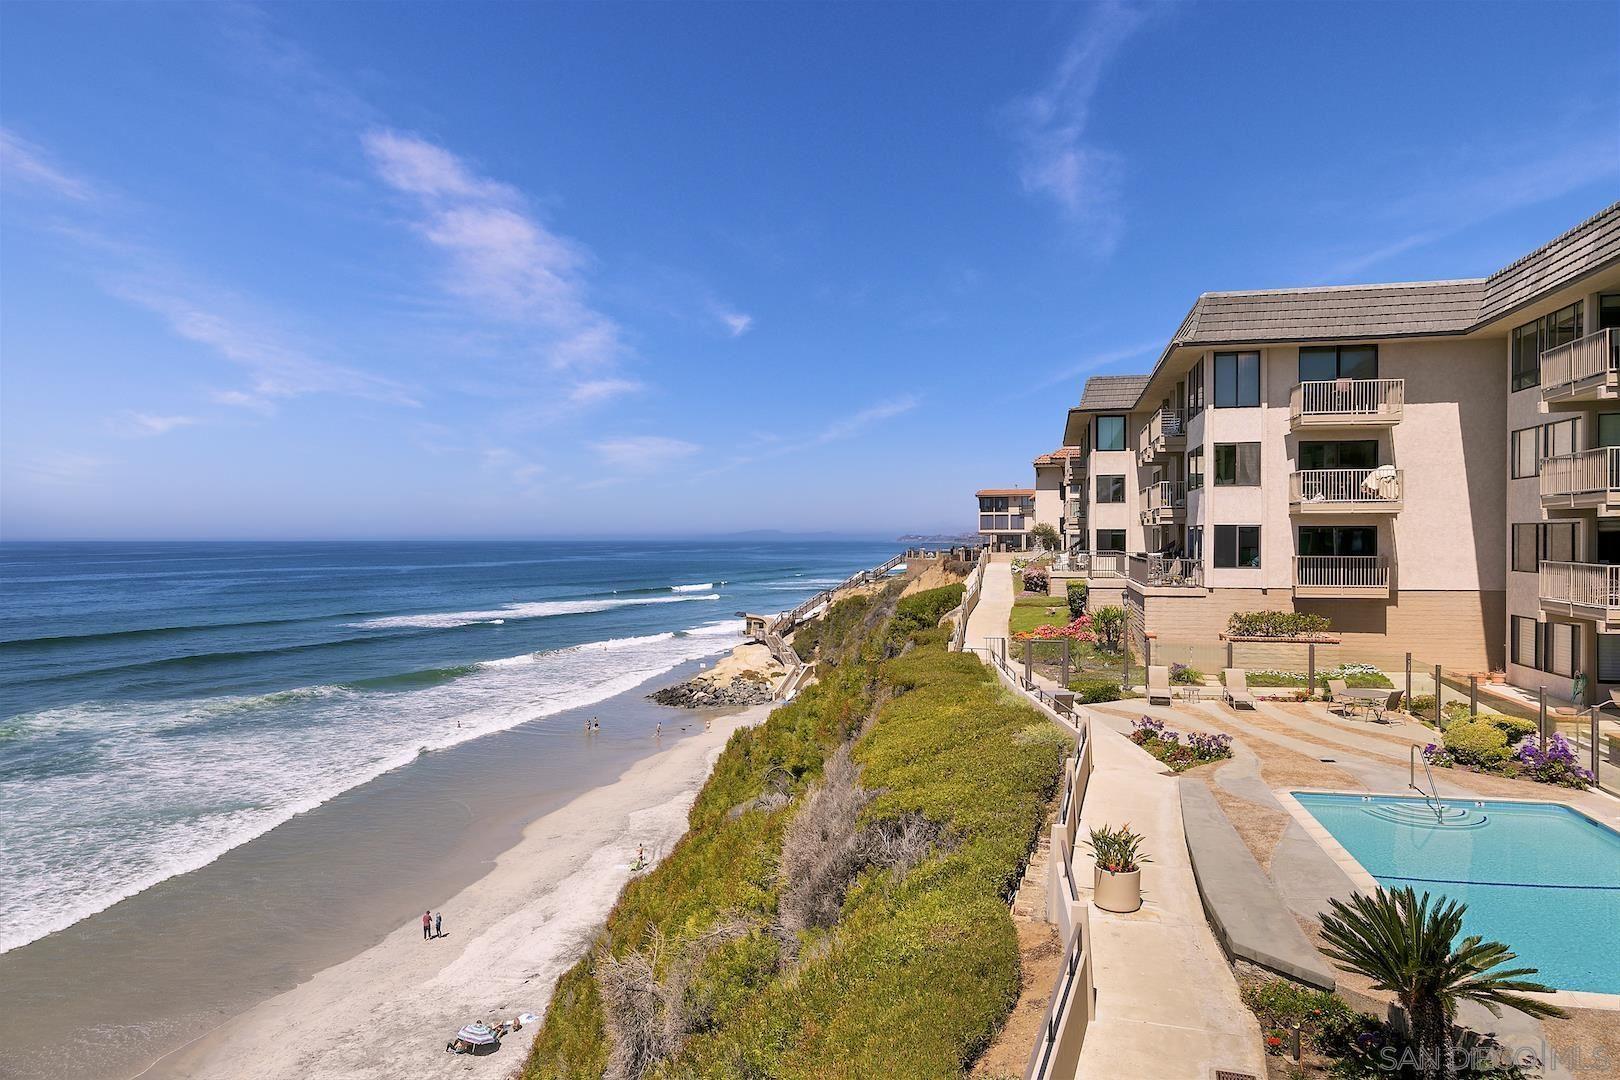 Photo of 140 N Shore Dr, Solana Beach, CA 92075 (MLS # 210015001)